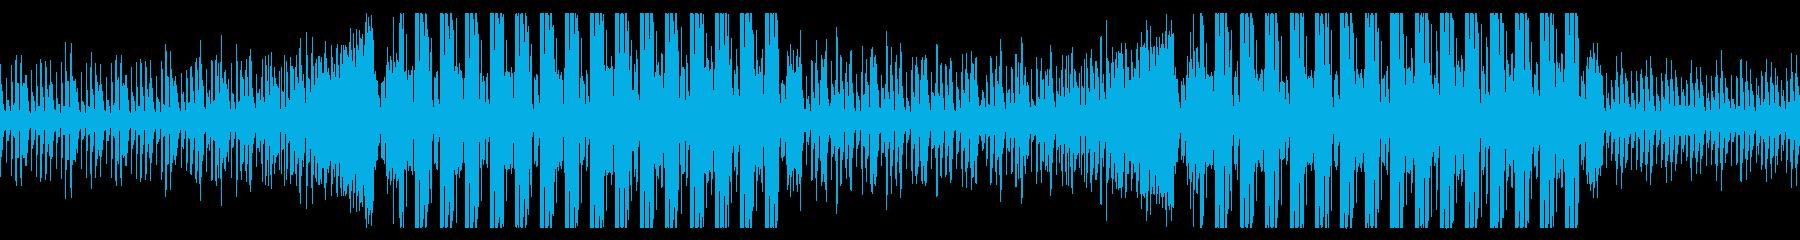 【ループ版】企業VP・CM 軽快の再生済みの波形